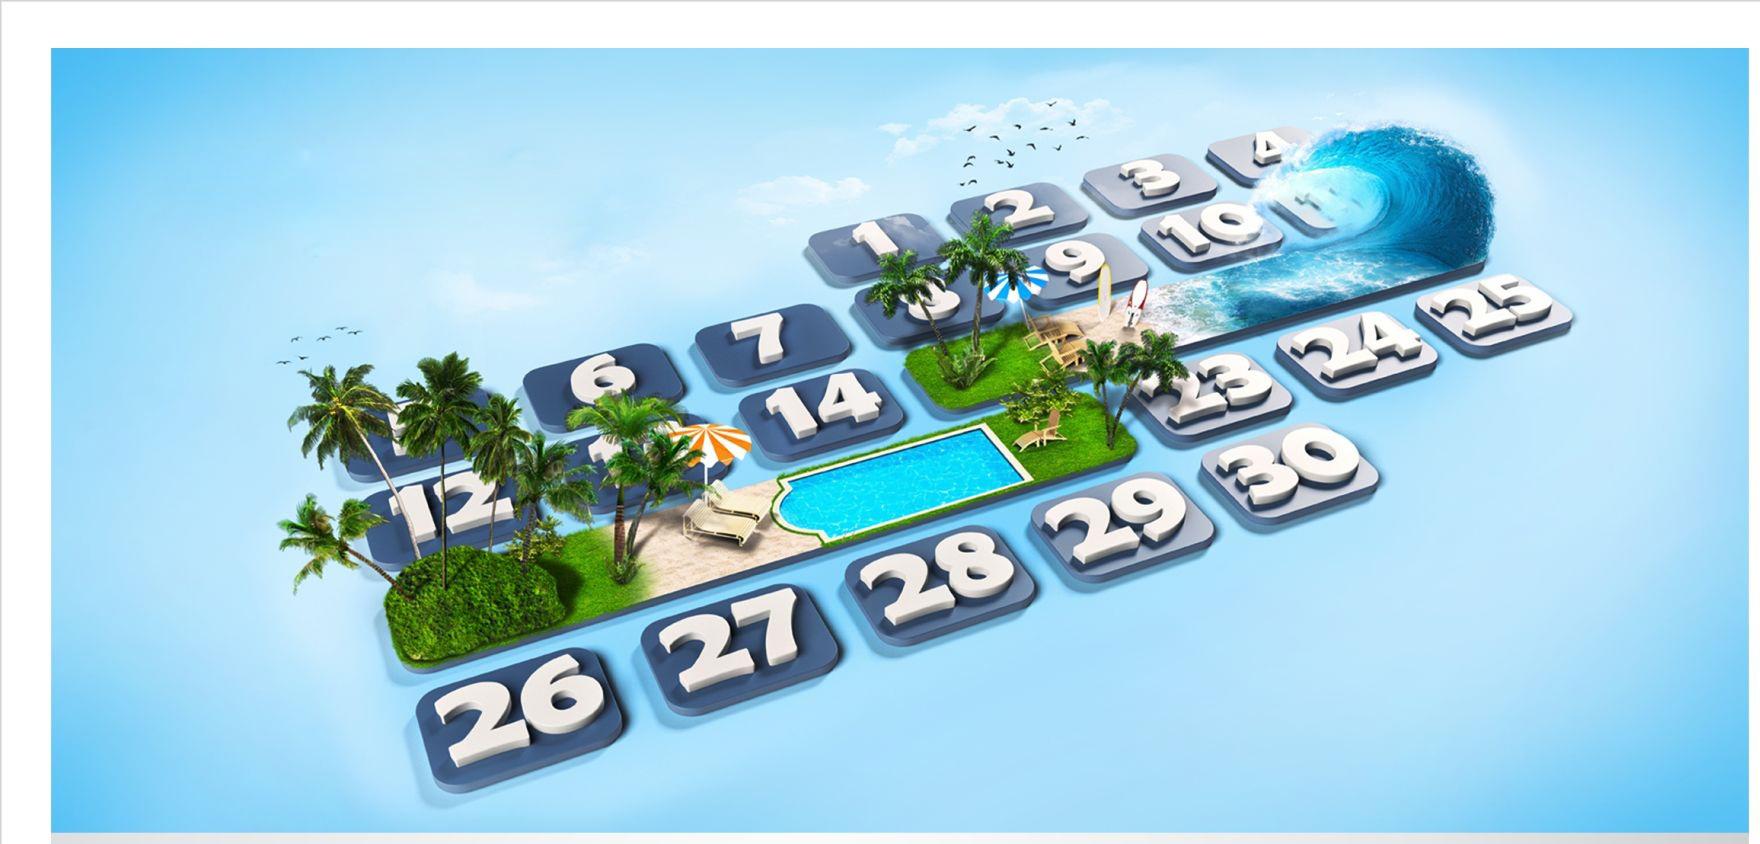 VẬT LIỆU XÂY DỰNG HỒ BƠI, Thiết bị hồ bơi, thiết kế hồ bơi, xây dựng hồ bơi, báo giá hồ bơi, hồ bơi thông minh, máy lọc hồ bơi, thi công hồ bơi